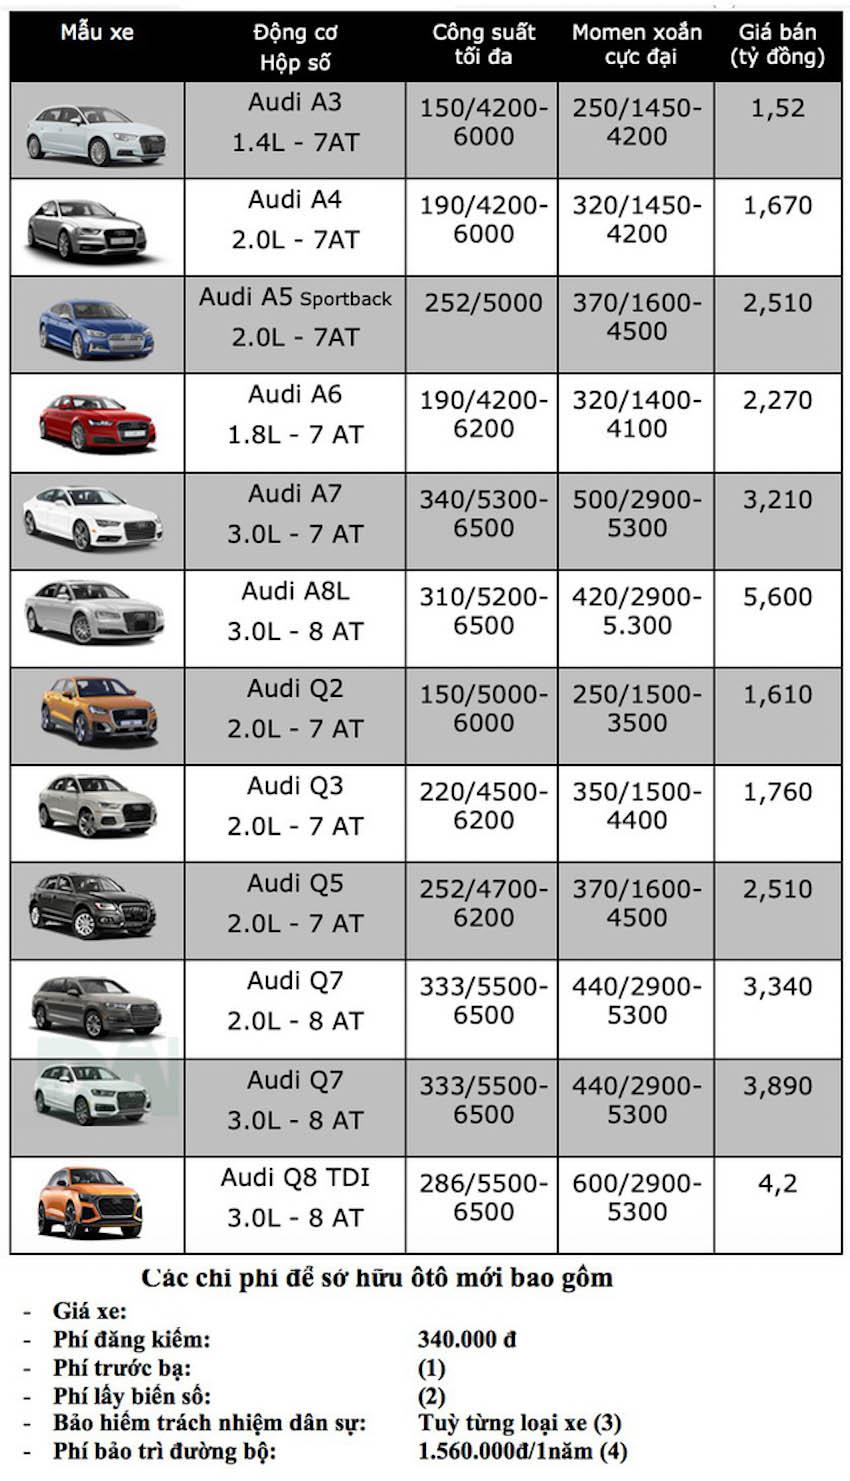 Bảng giá xe Audi tại Việt Nam tháng 1-2019